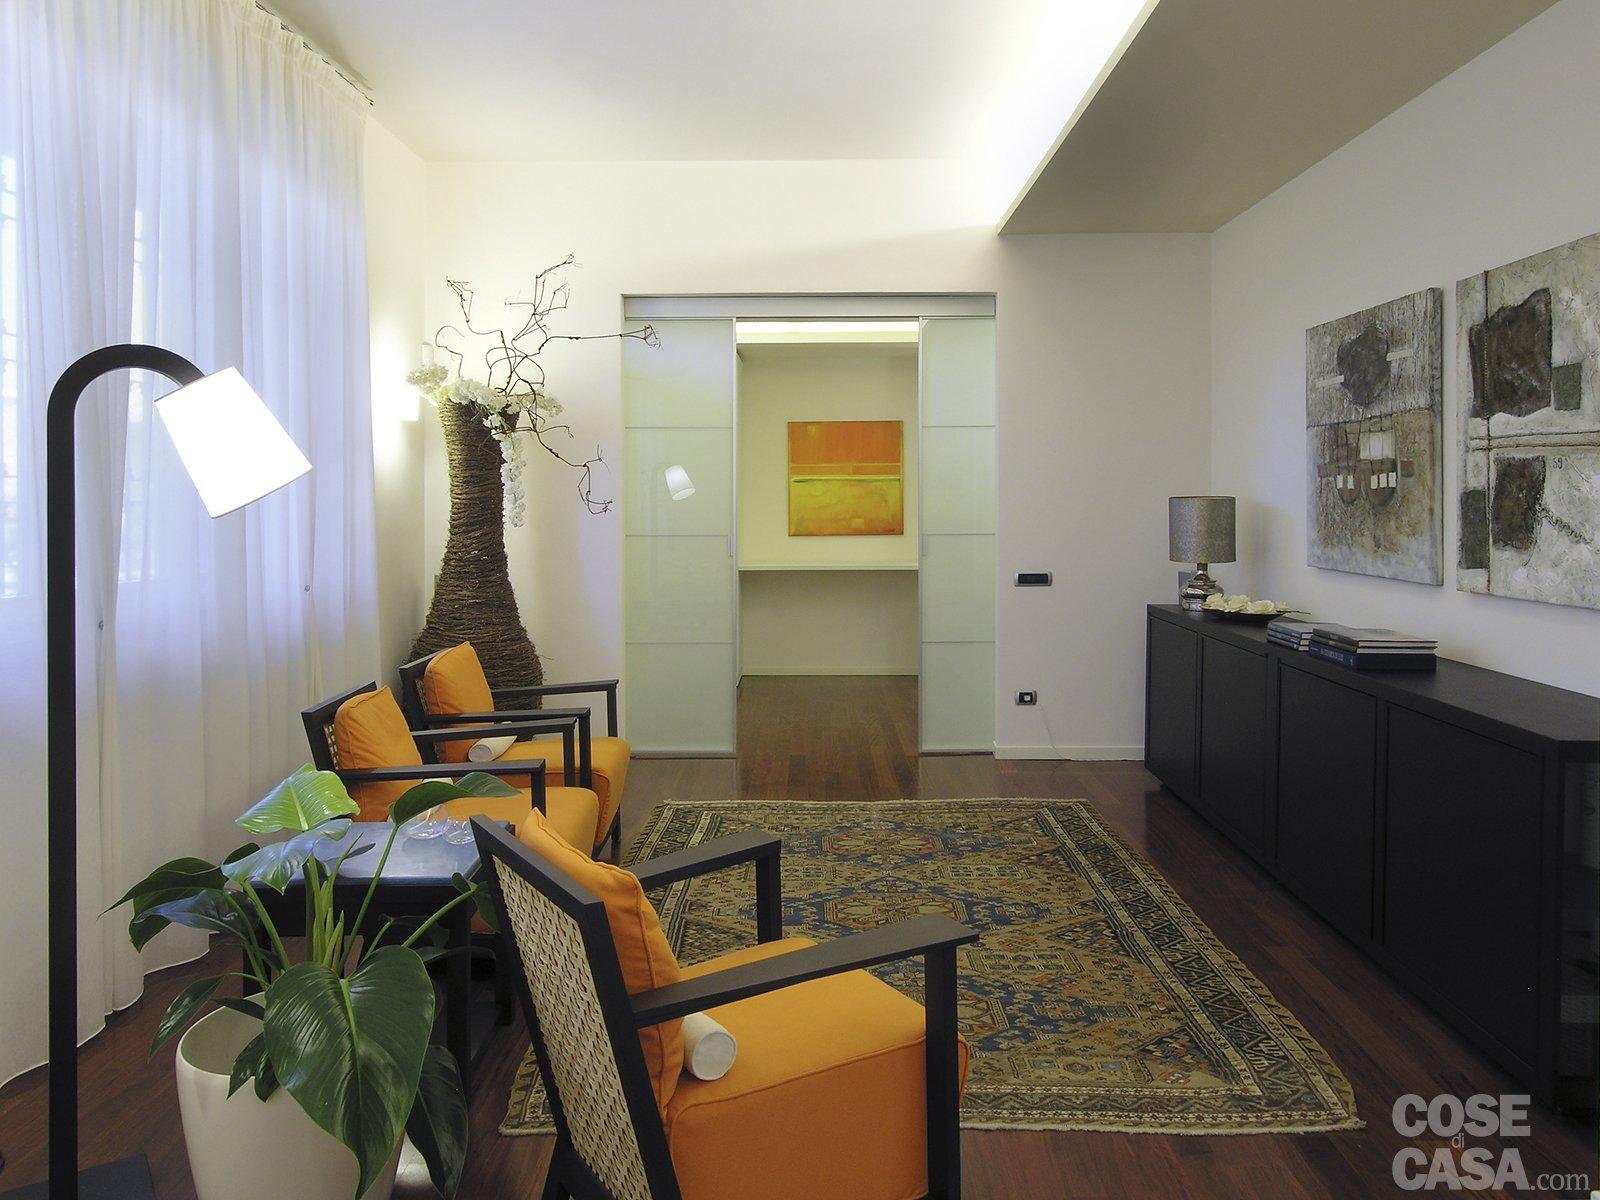 Una casa con tante idee da copiare cose di casa for Lo space senza pareti